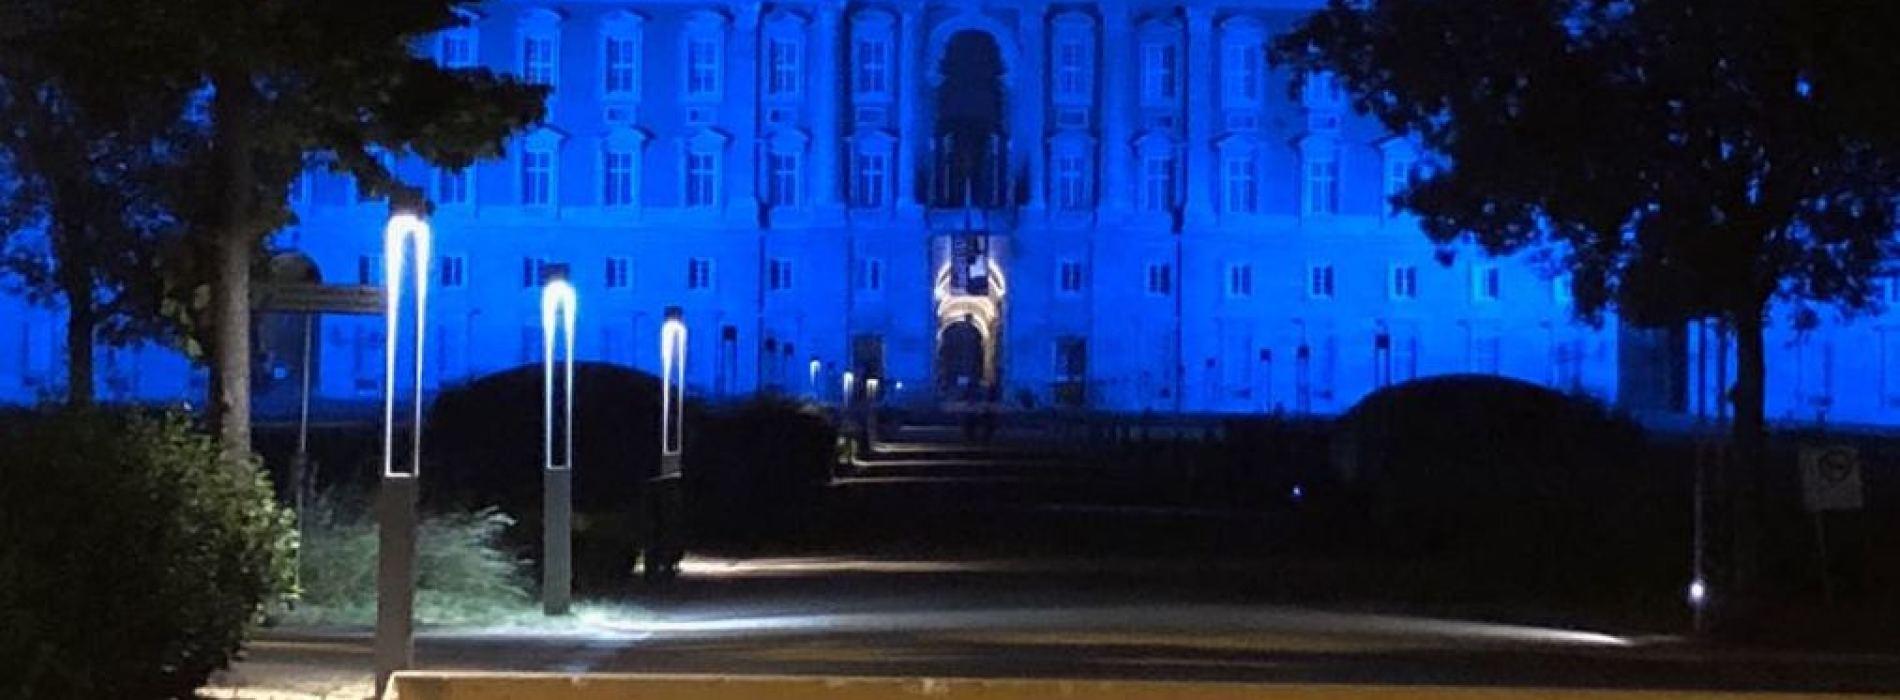 Reggia di Caserta, per una notte si veste di azzurro per la Lilt